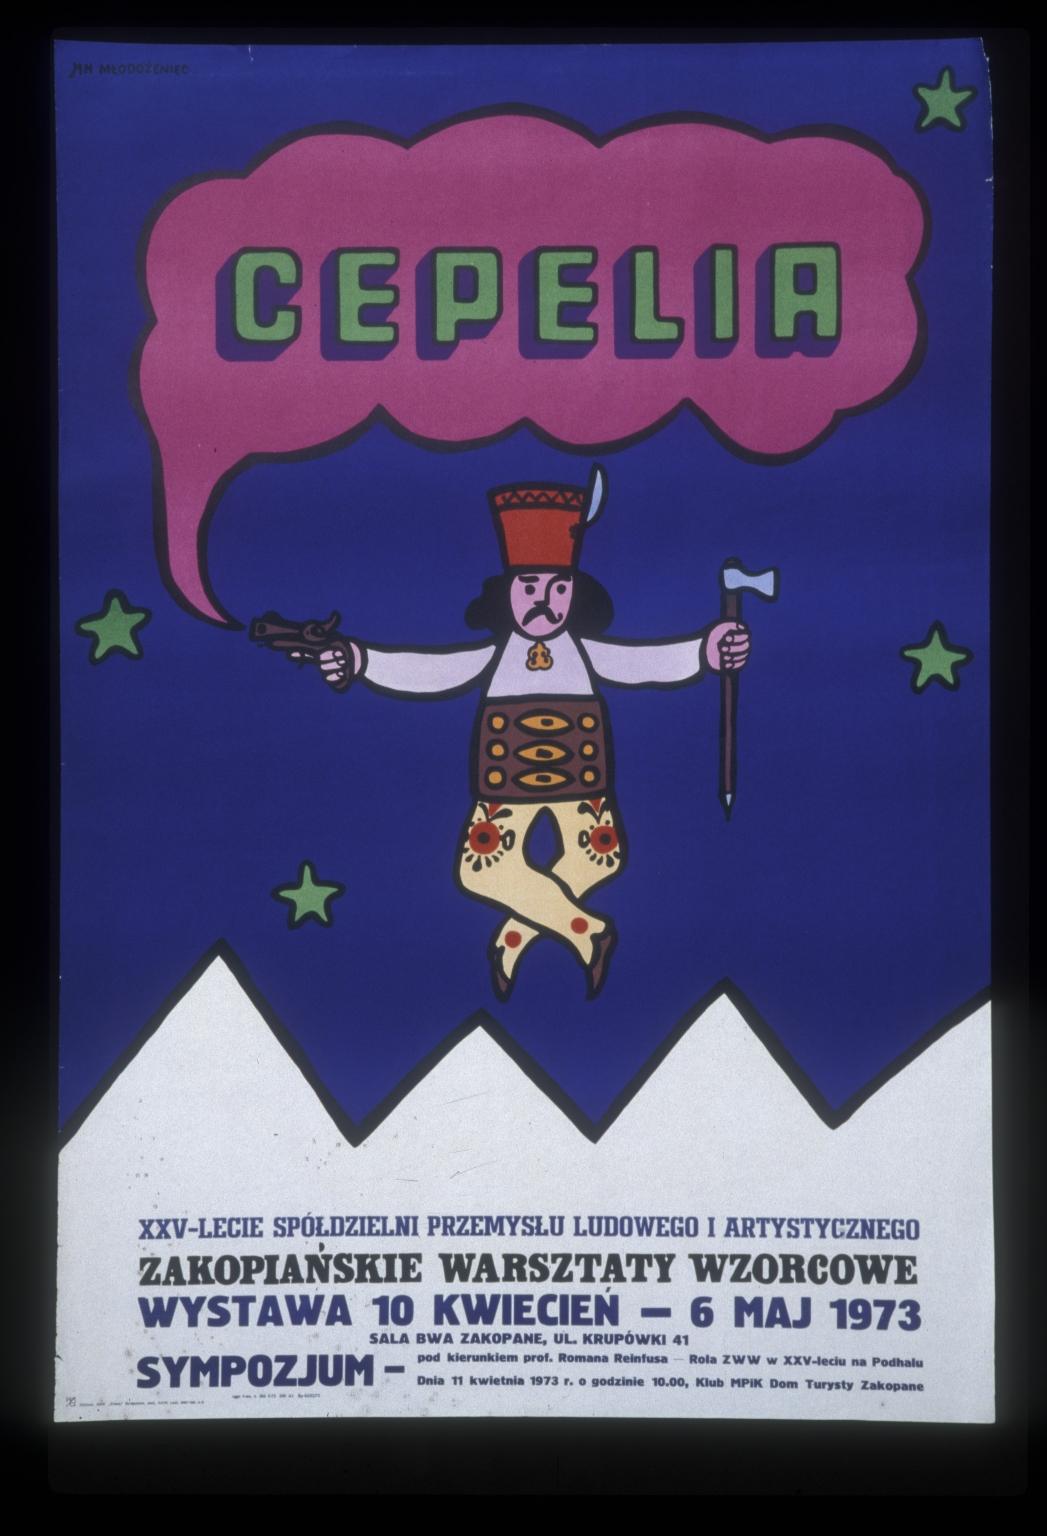 Cepelia, XXV lecie Spoldzielni Przemyslu Ludowego i Artystcznego: Zakopianskie warsztaty wzorcowe : wystawa 10 kwiecien-6 maj, 1973, Sala BWA, Zakopane